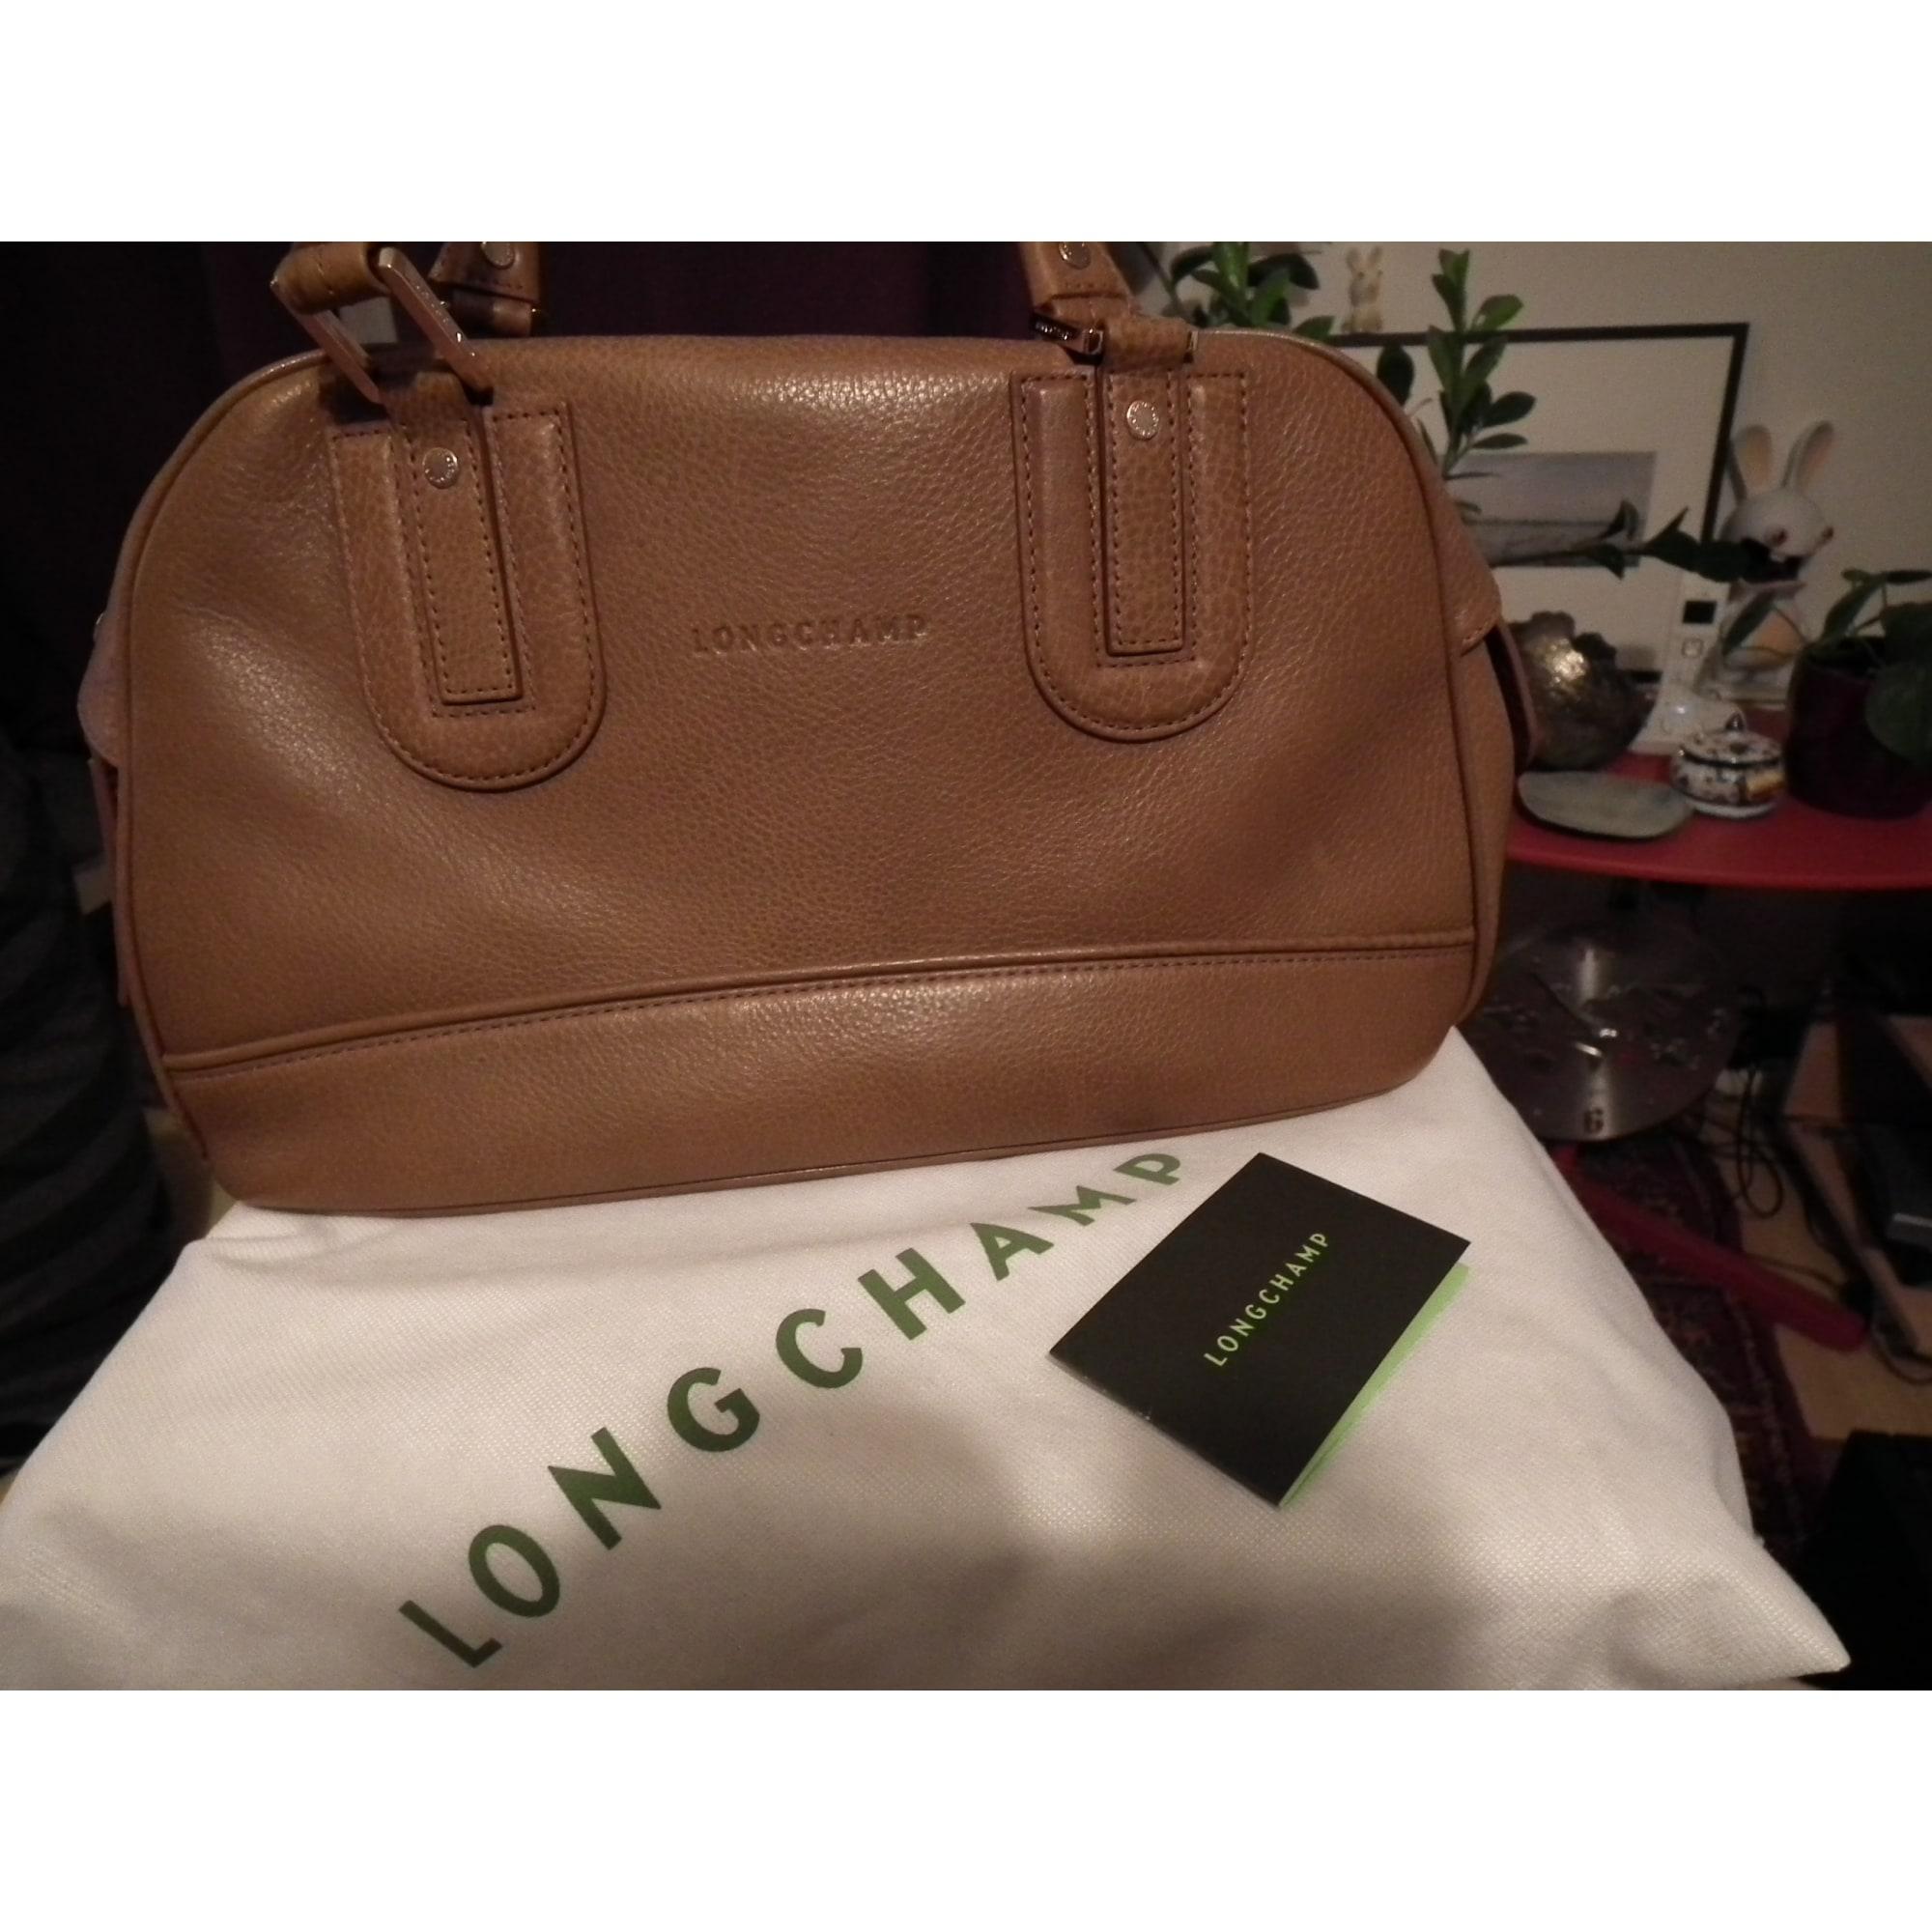 49f418a5a93c2 Sac à main en cuir LONGCHAMP beige vendu par Mary 945368 - 543537